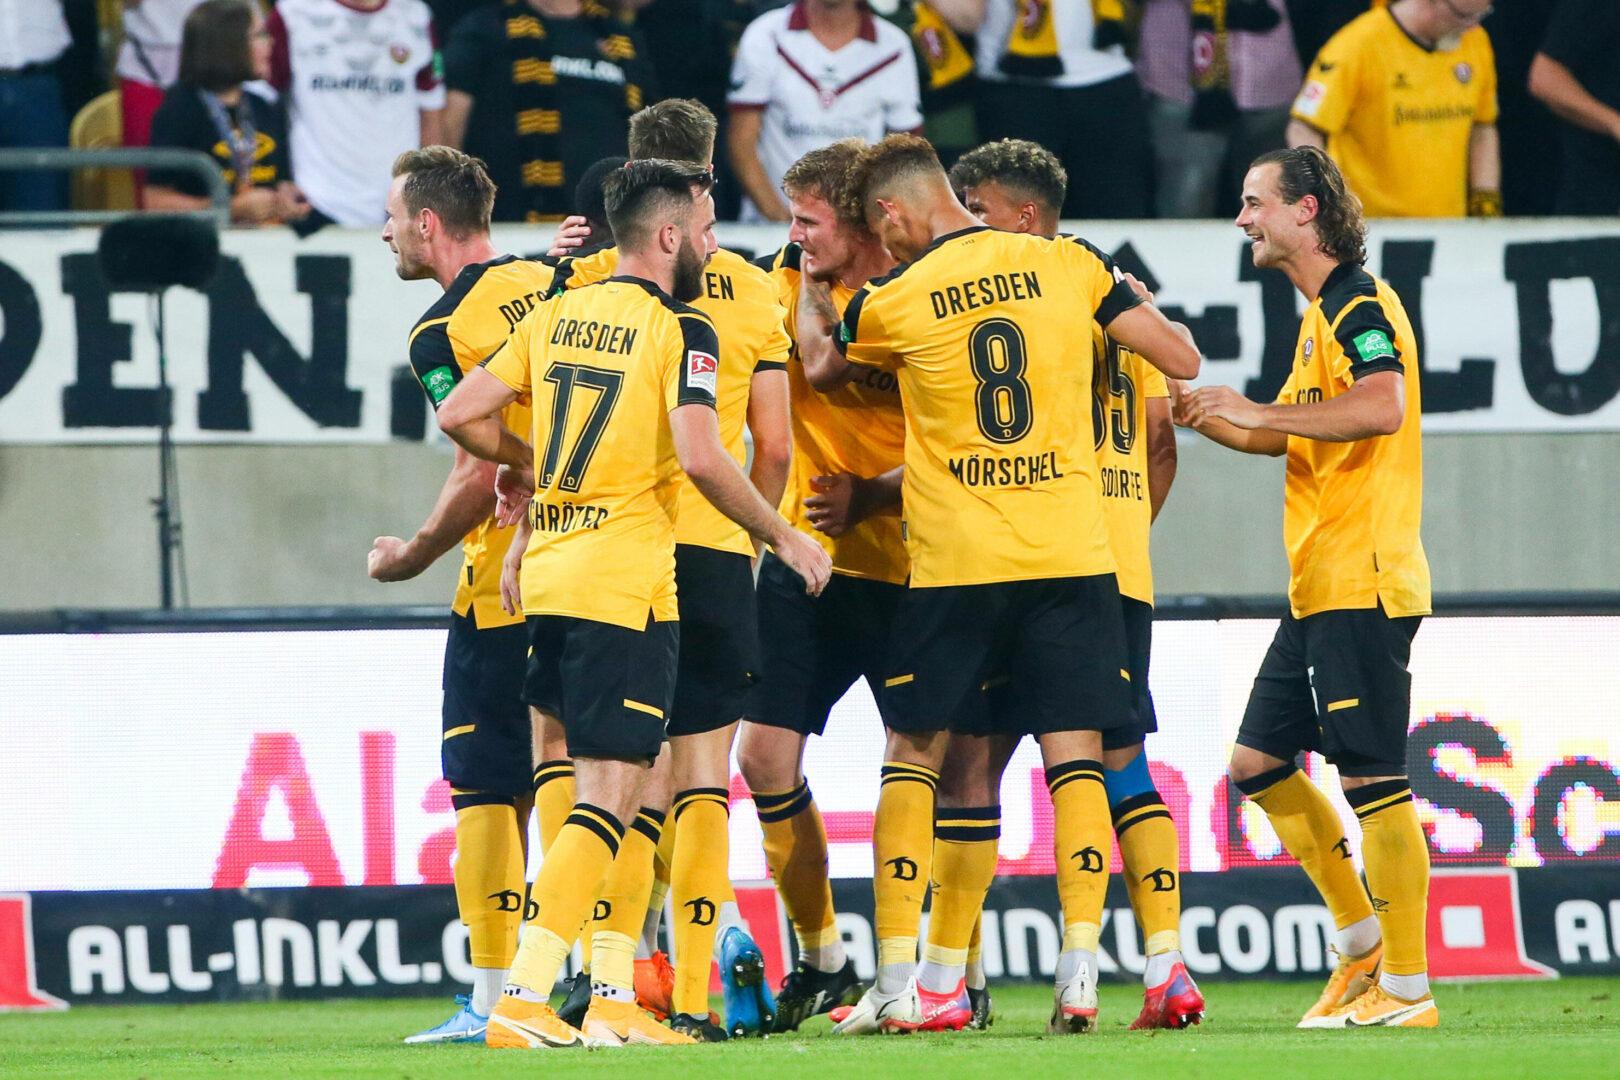 Heimstärke bestätigt: Dresden schlägt Hannover